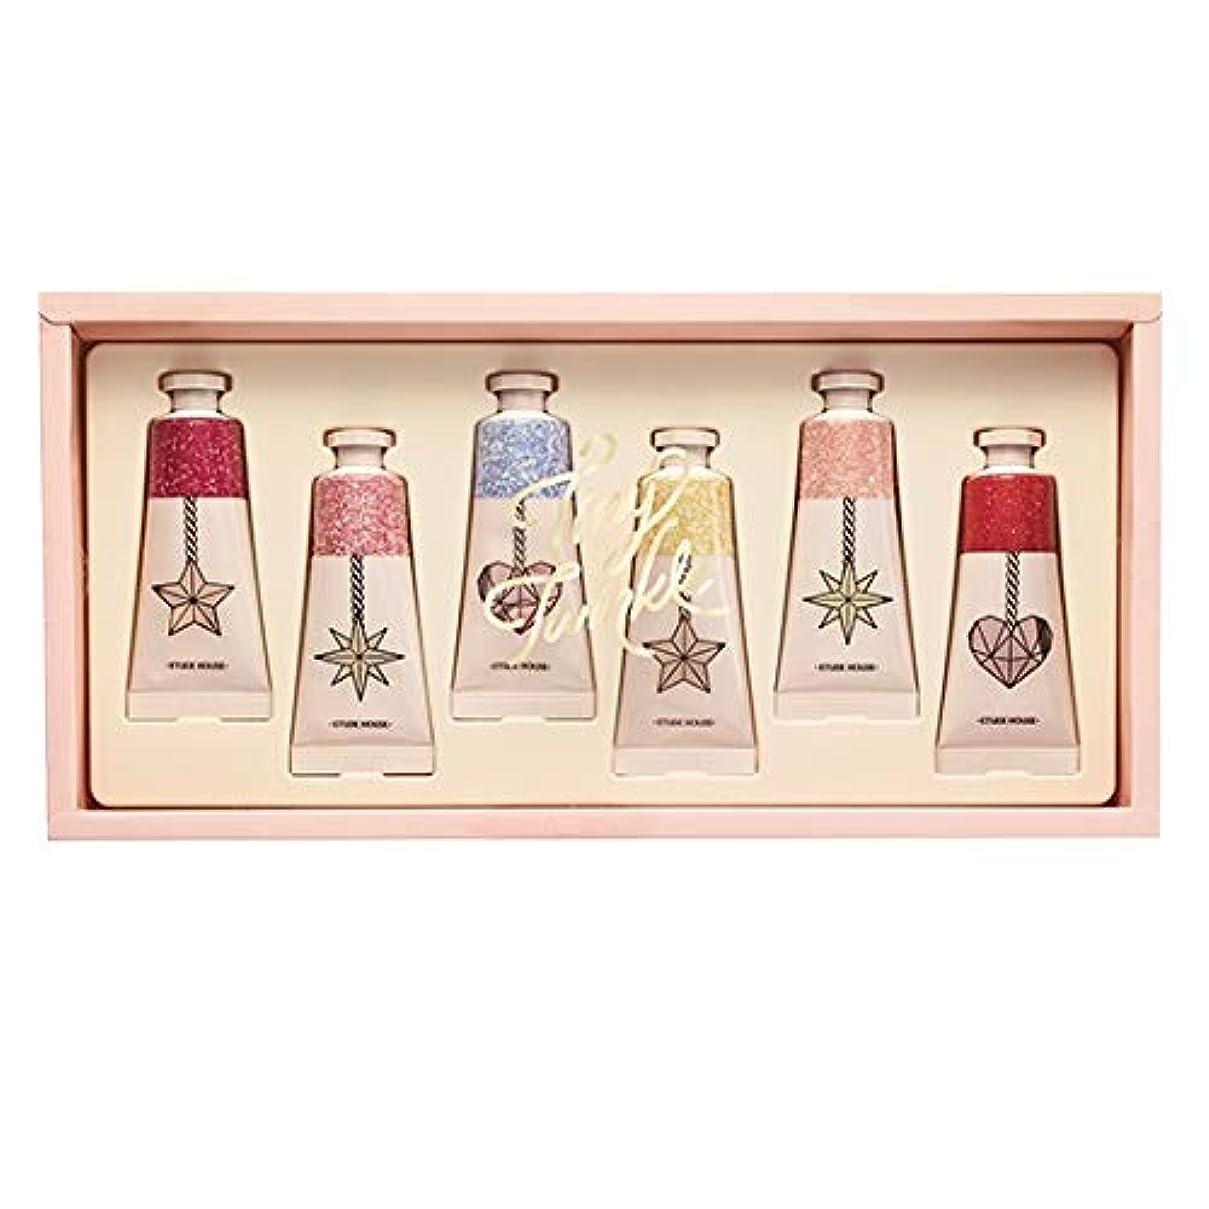 棚あいまいさクレアエチュードハウス タイニー トゥインクル カラーフル セント パフュームド ハンドクリーム/ETUDE HOUSE Tiny Twinkle Colorful Scent Perfumed Handcream 6PCS...